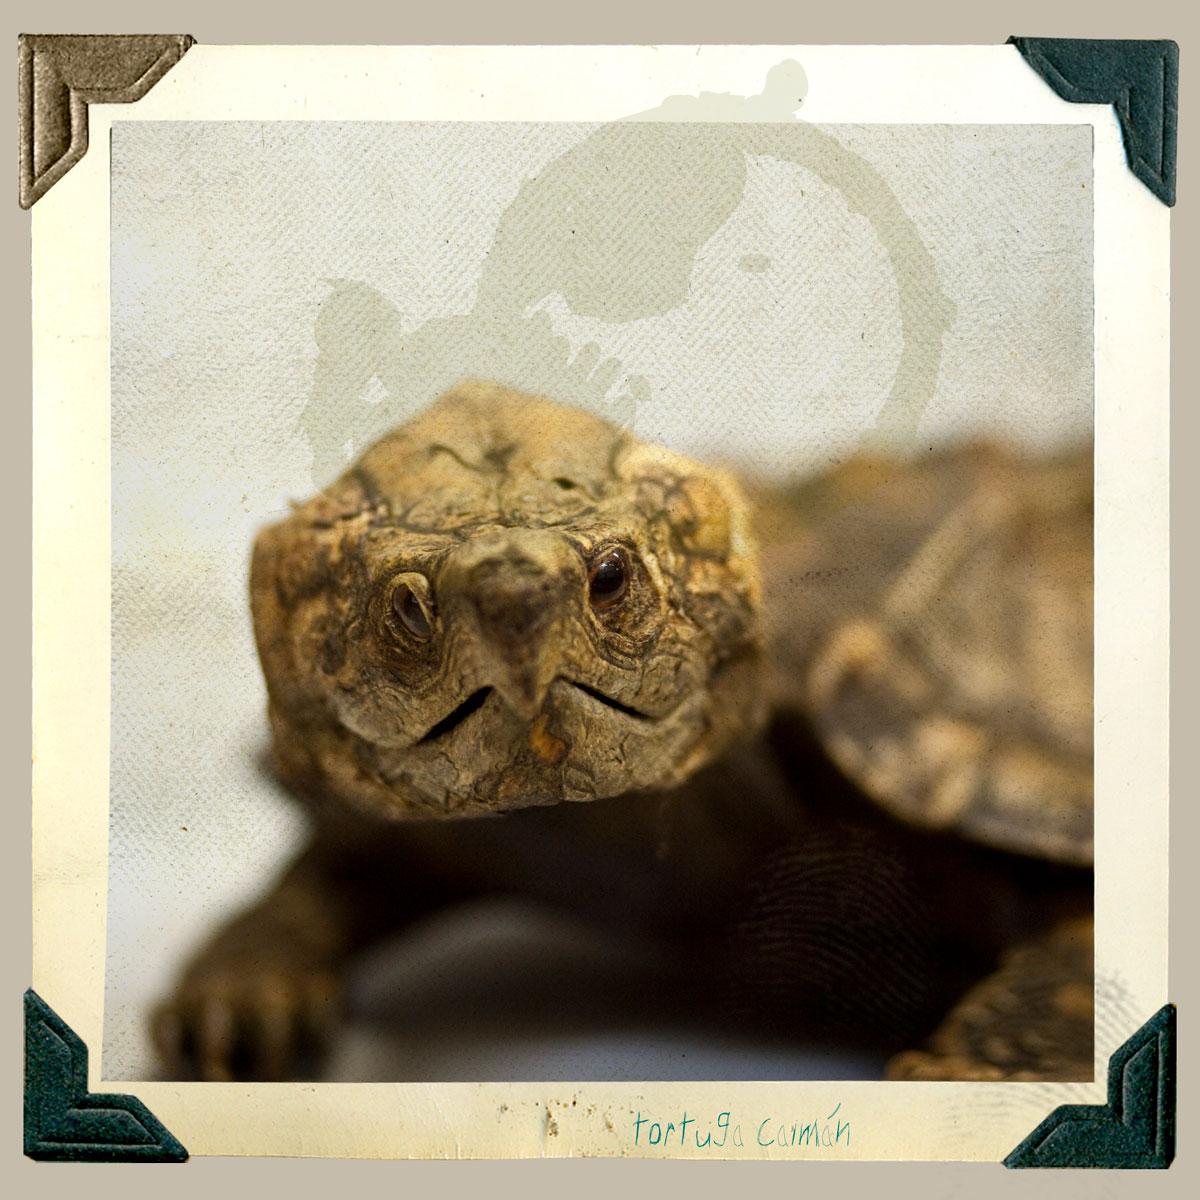 tortuga caiman animal disecado anaima